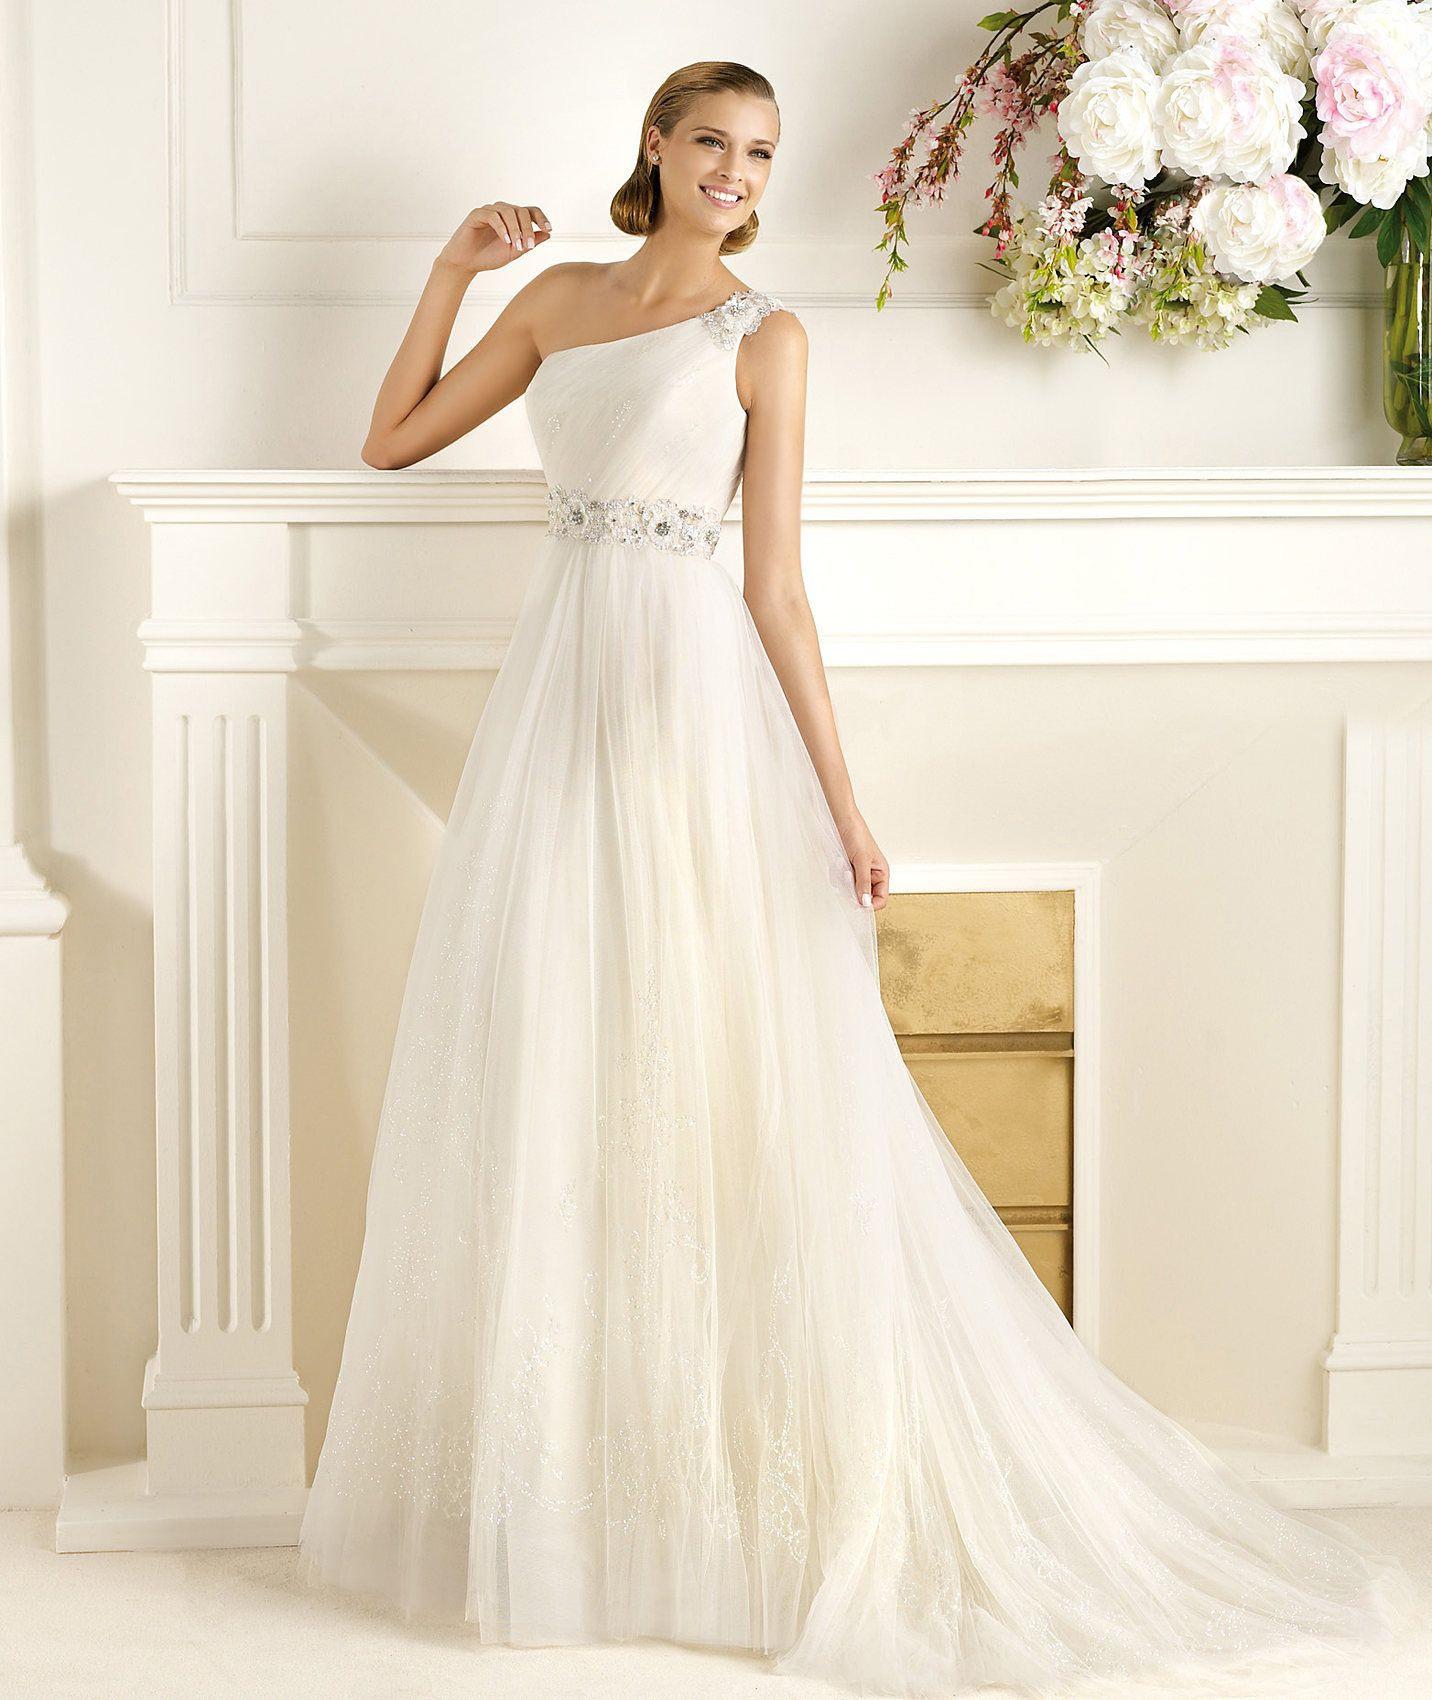 Pronovias  Brautkleider Und Festkleider  Hochzeitskleid